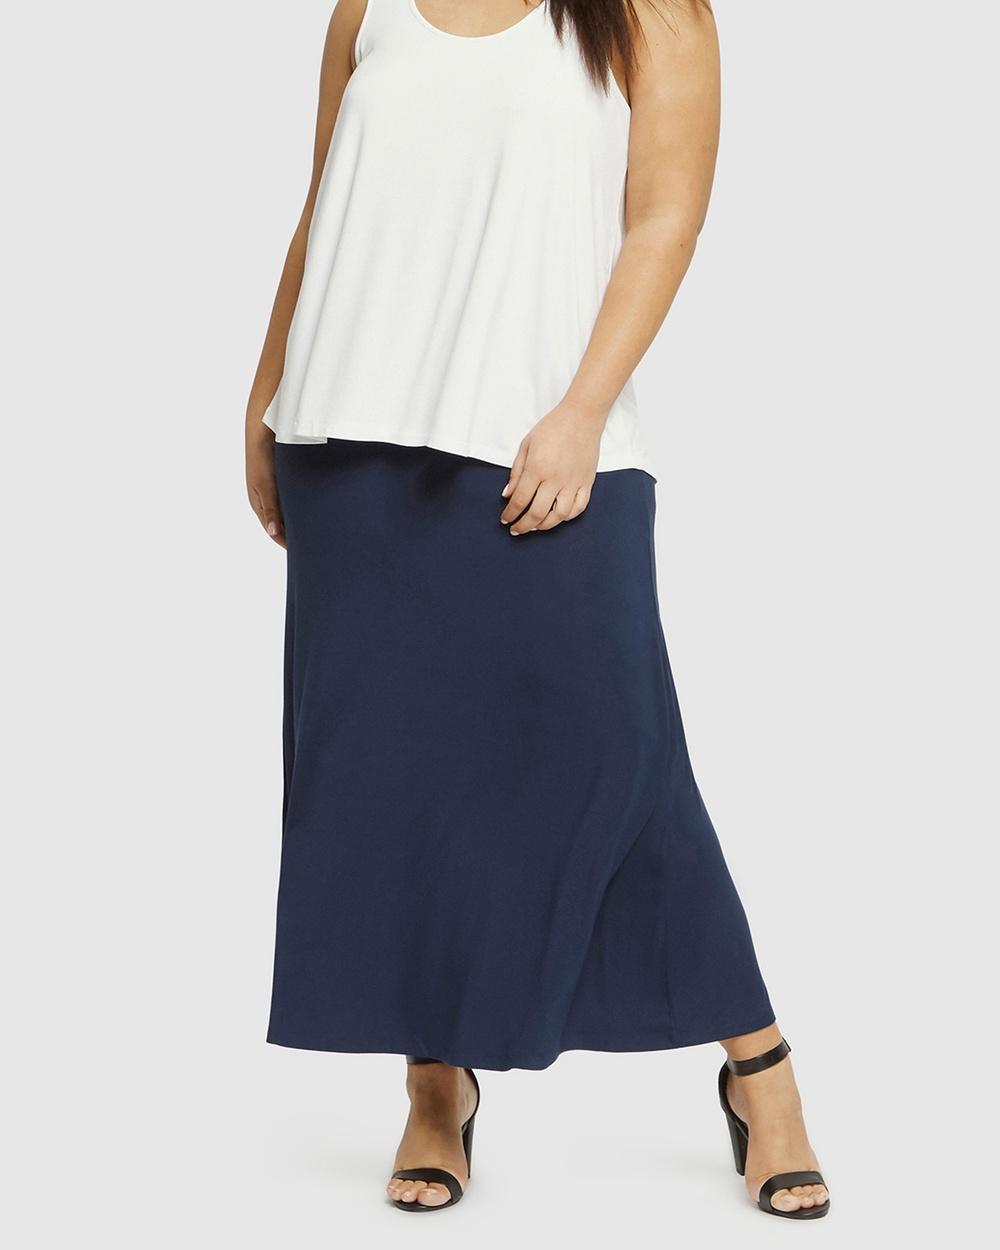 Bamboo Body Lana Long Skirt Skirts Navy